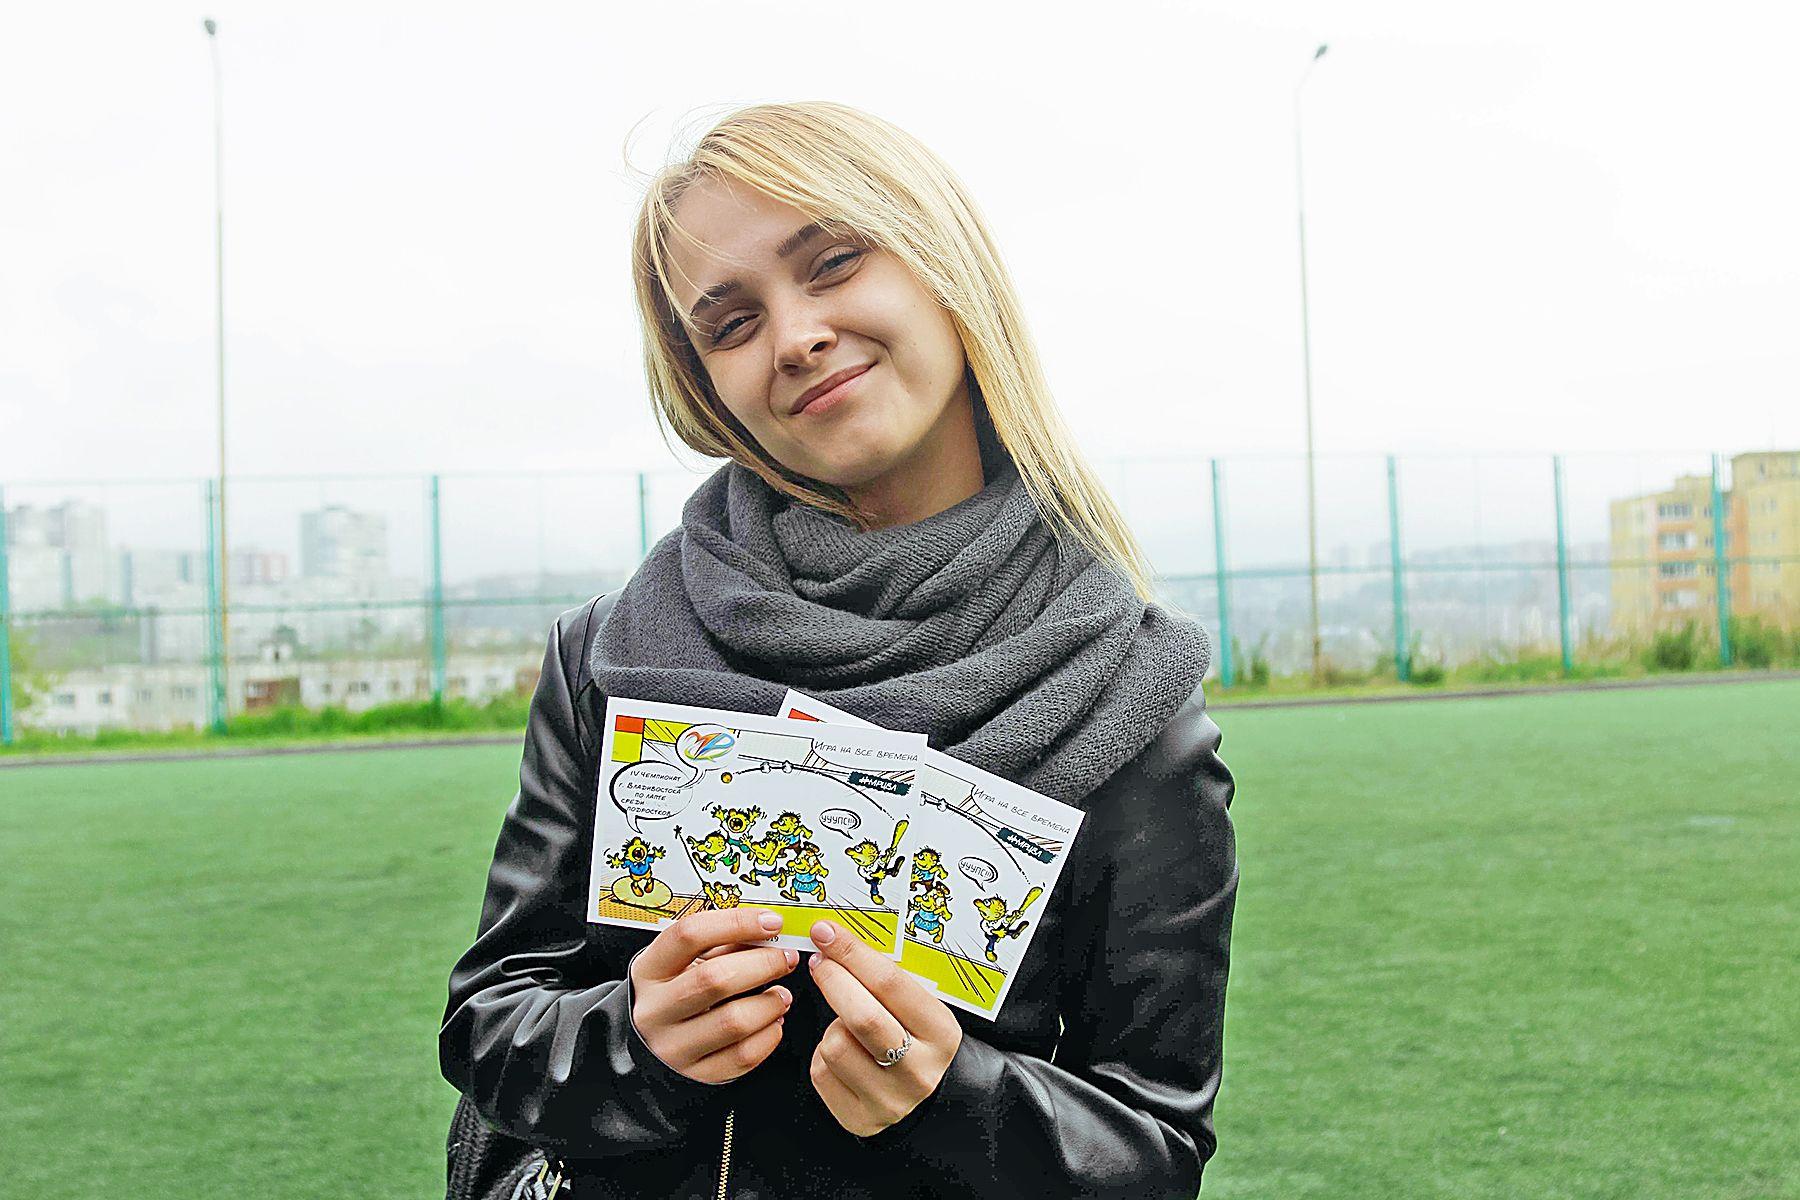 Из Владивостока по всей стране: студентка колледжа ВГУЭС стала автором открыток ко Дню молодёжи